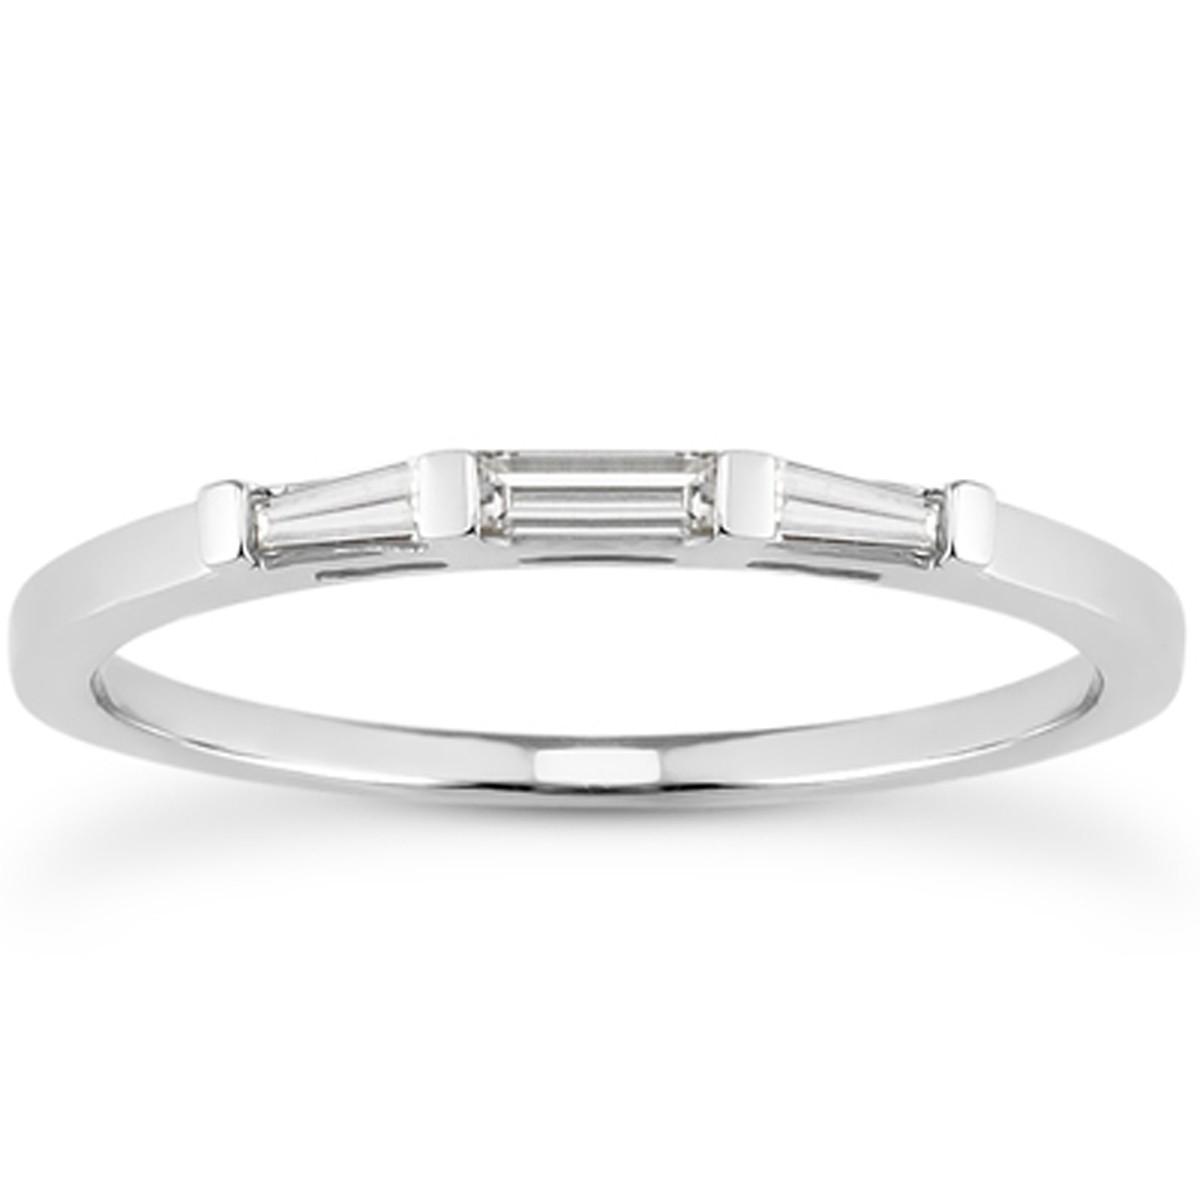 Platinum 0.3ct Round Brilliant Cut & Baguette Cut Diamonds